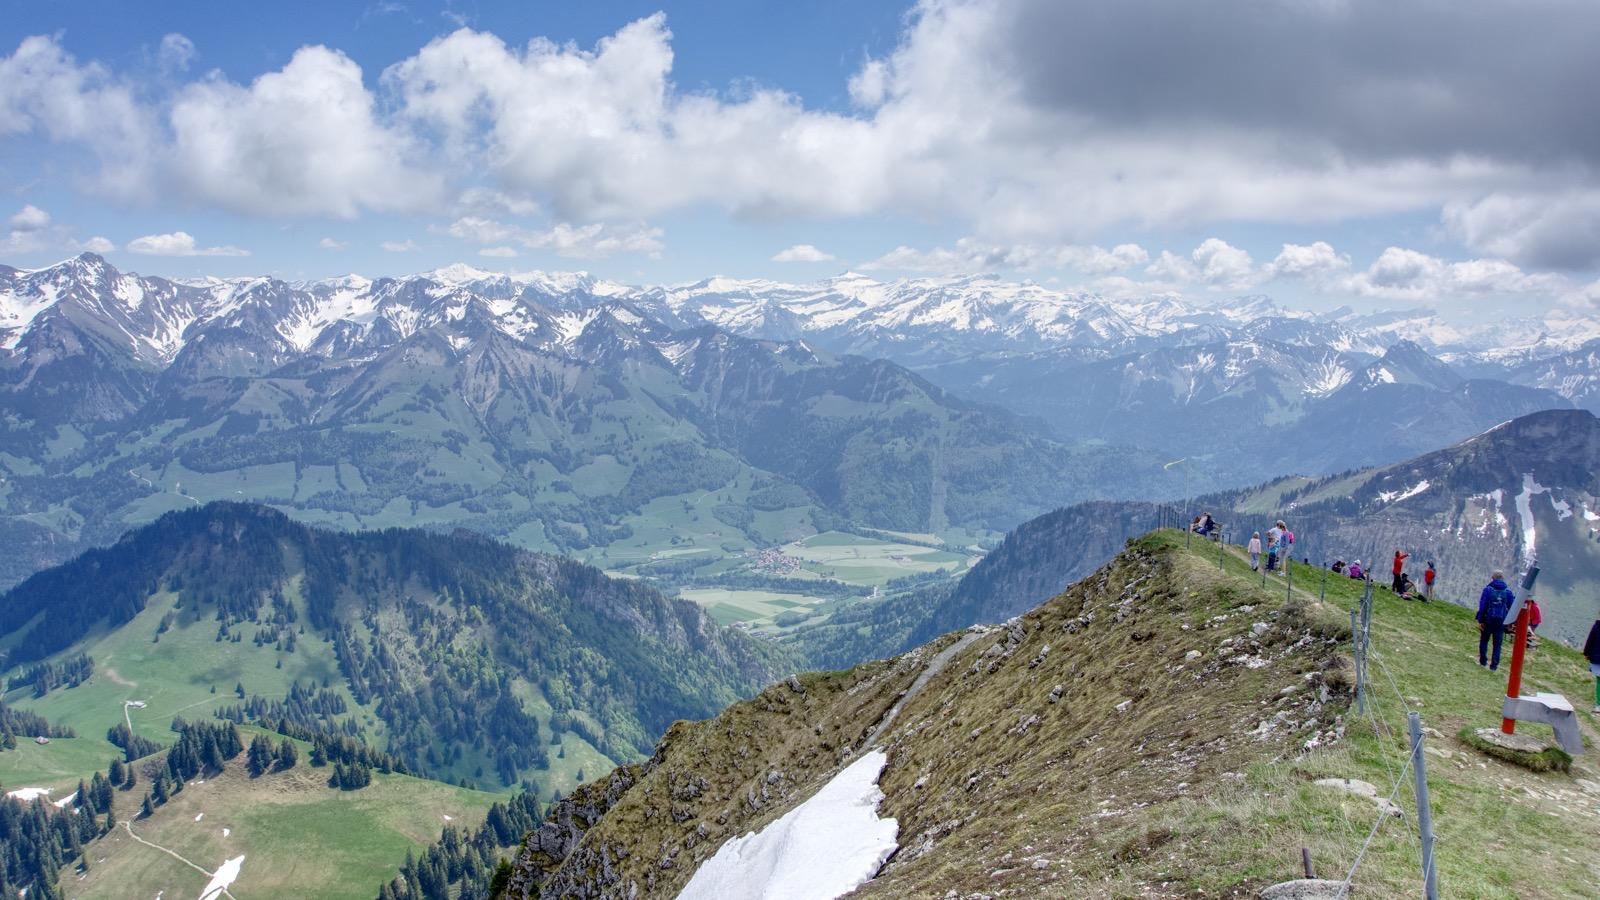 Ausblick auf die Alpen.